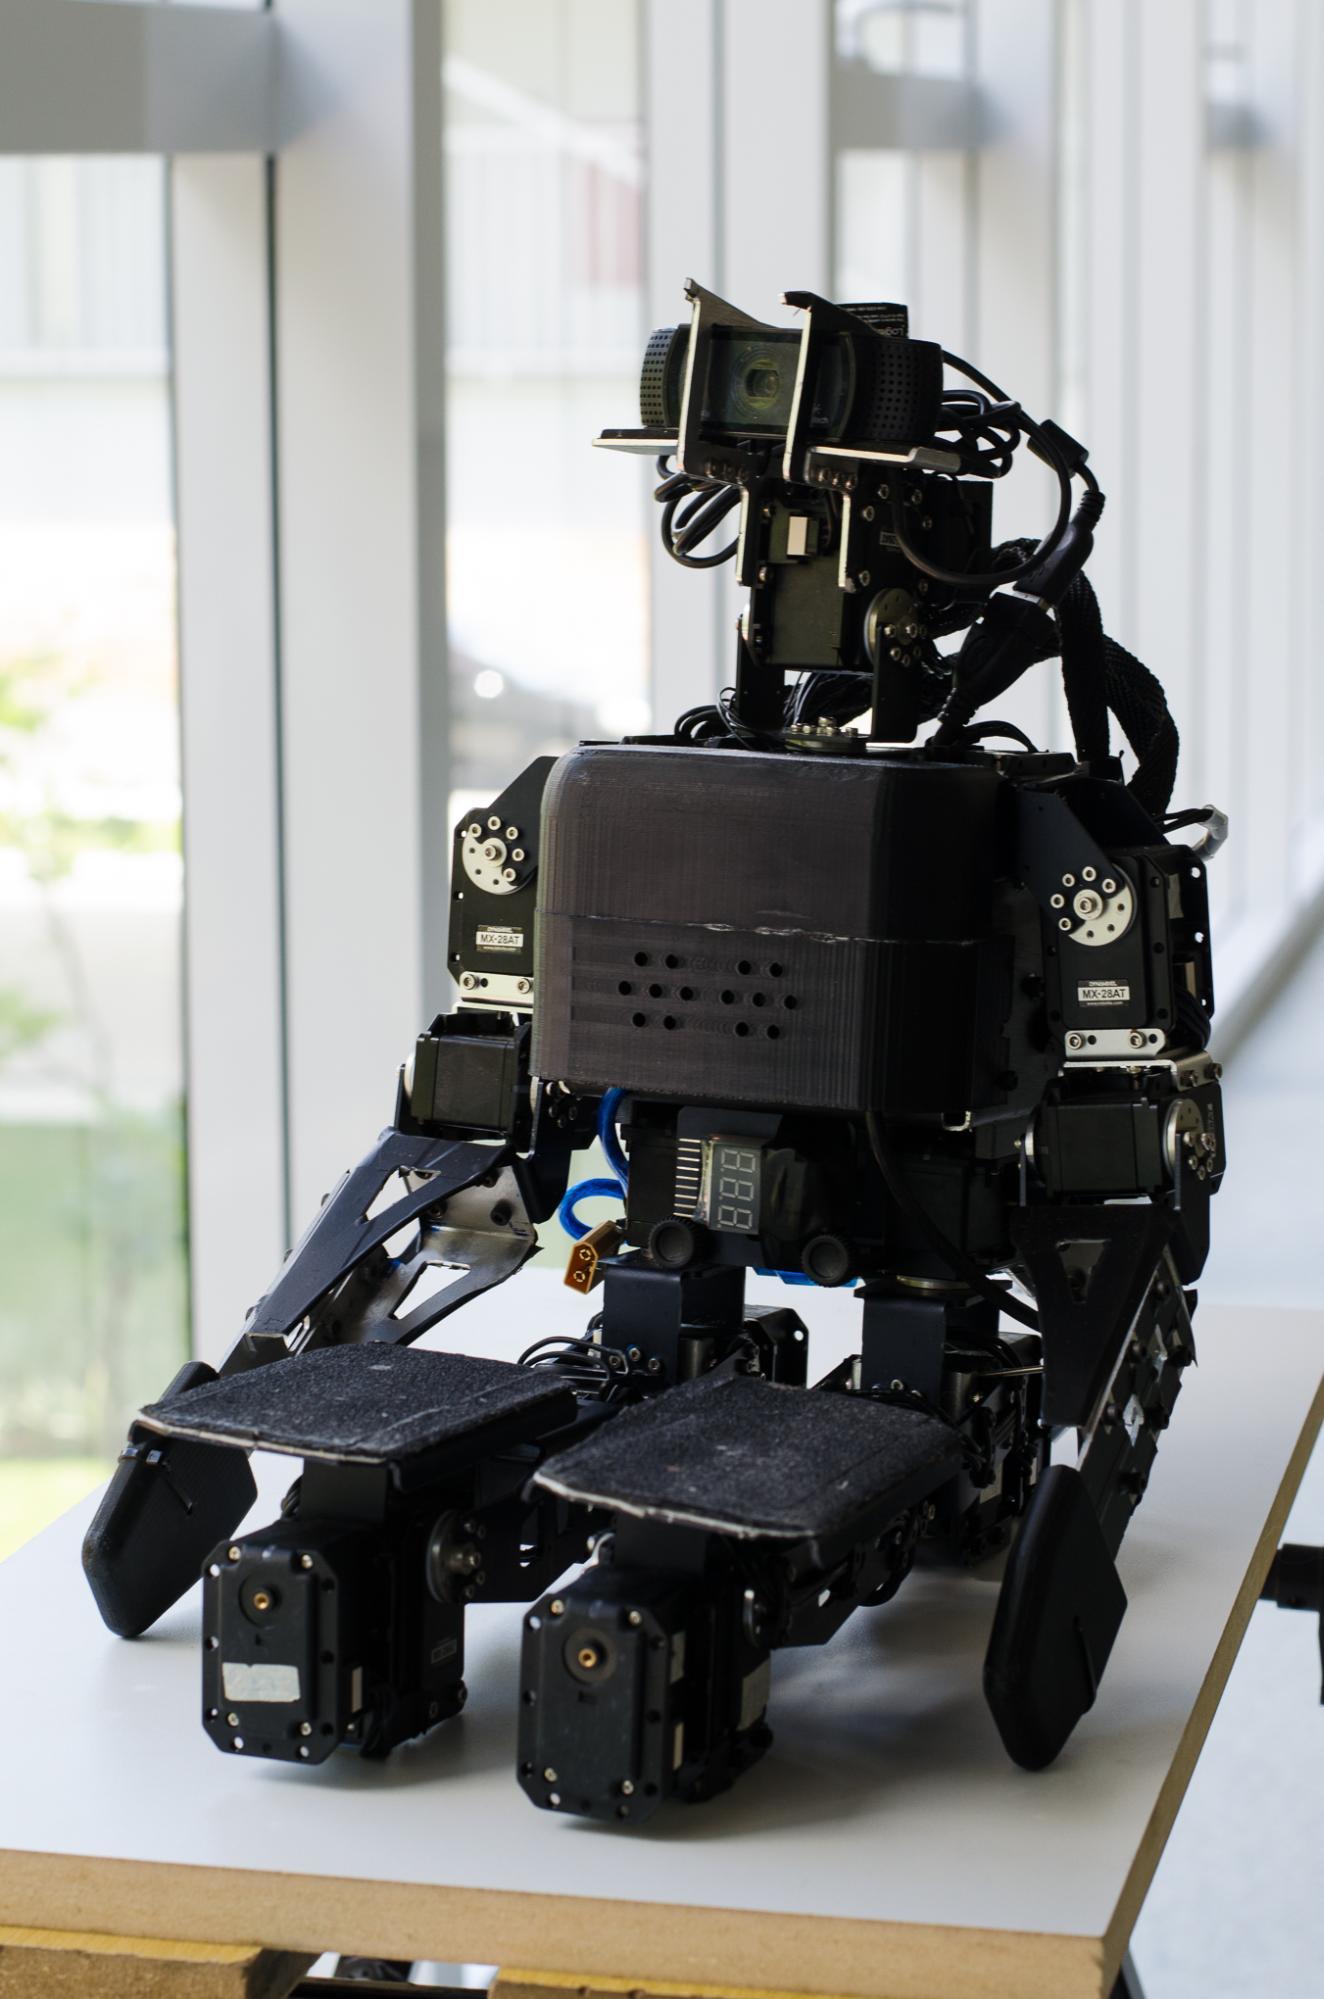 Robocup競技会の合間に休憩するヒューマノイドロボットのChape